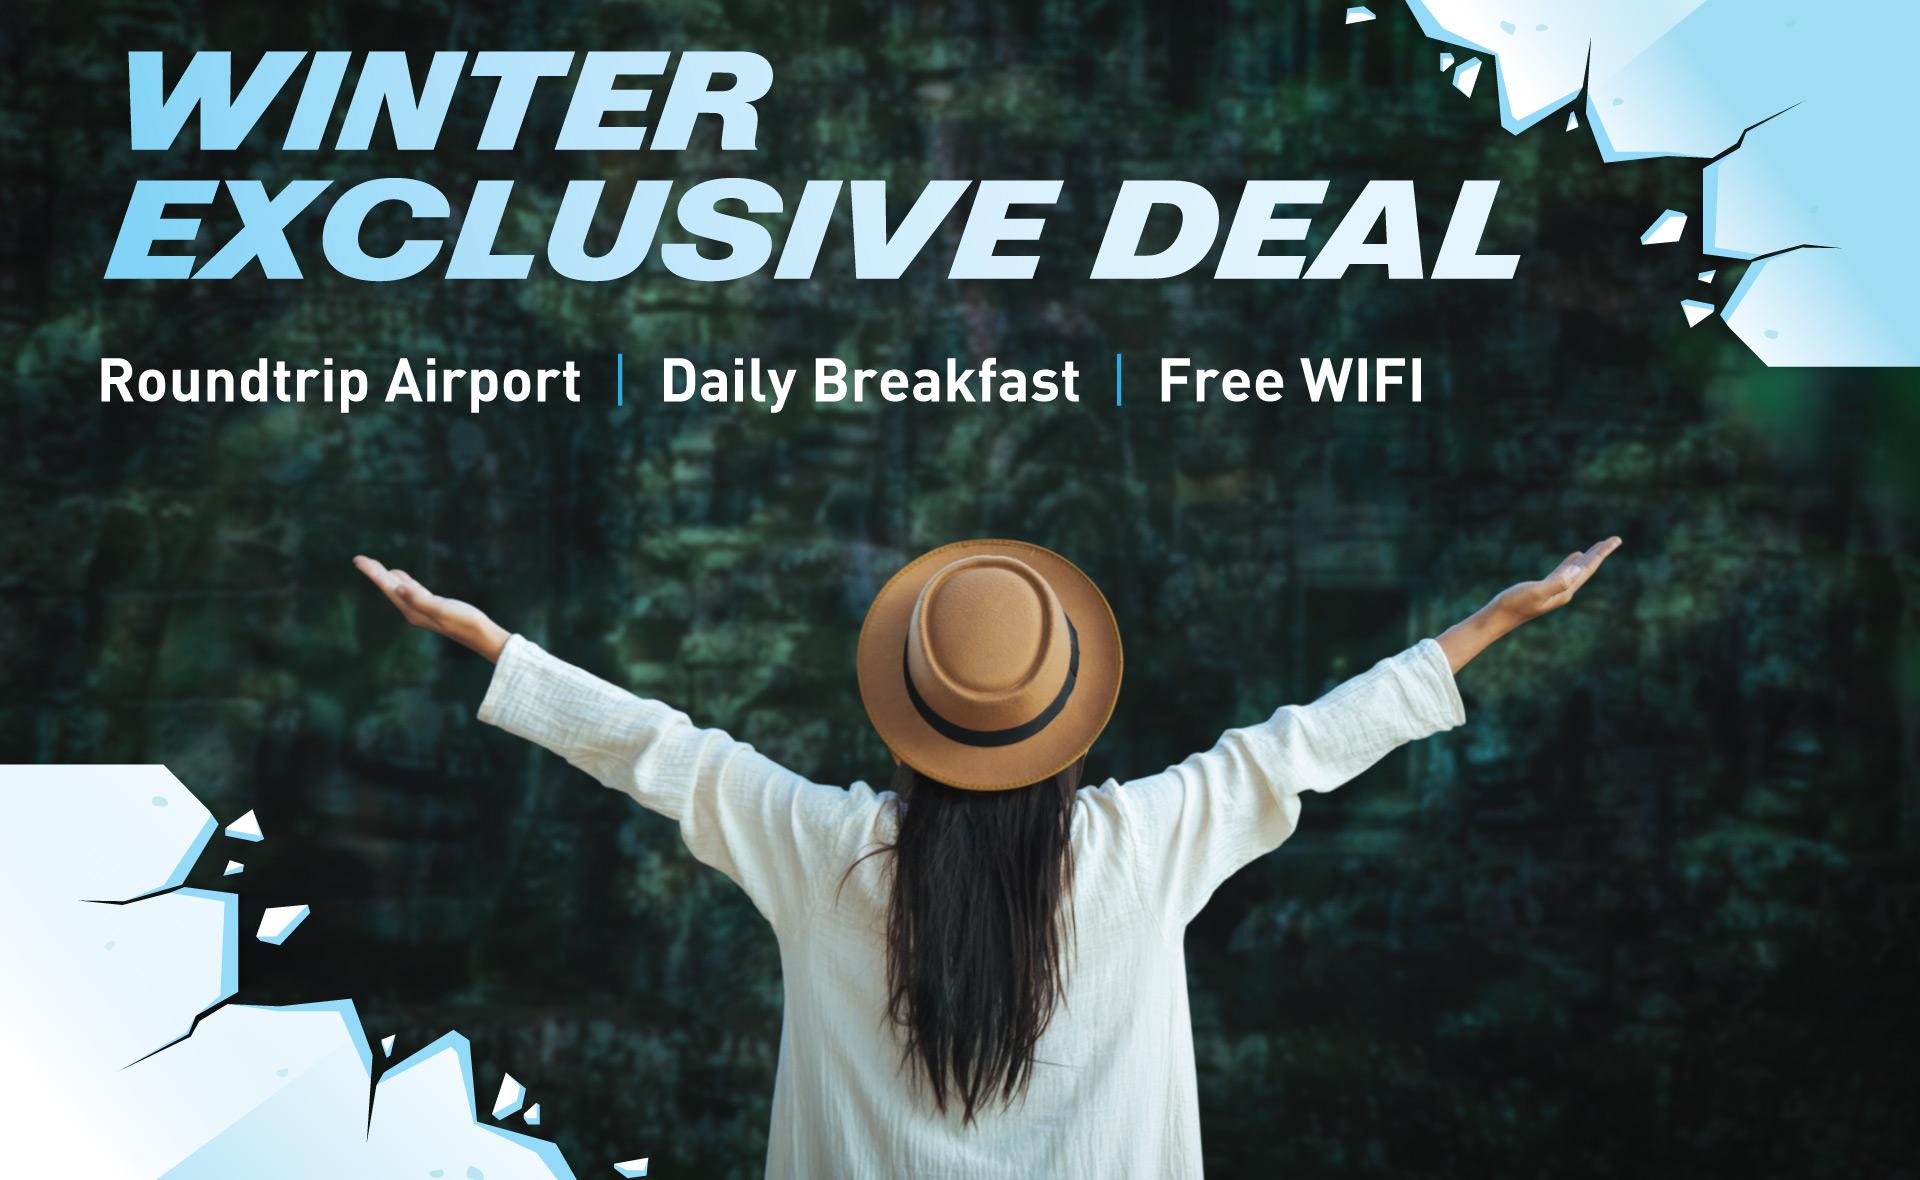 Winter Exclusive Deal